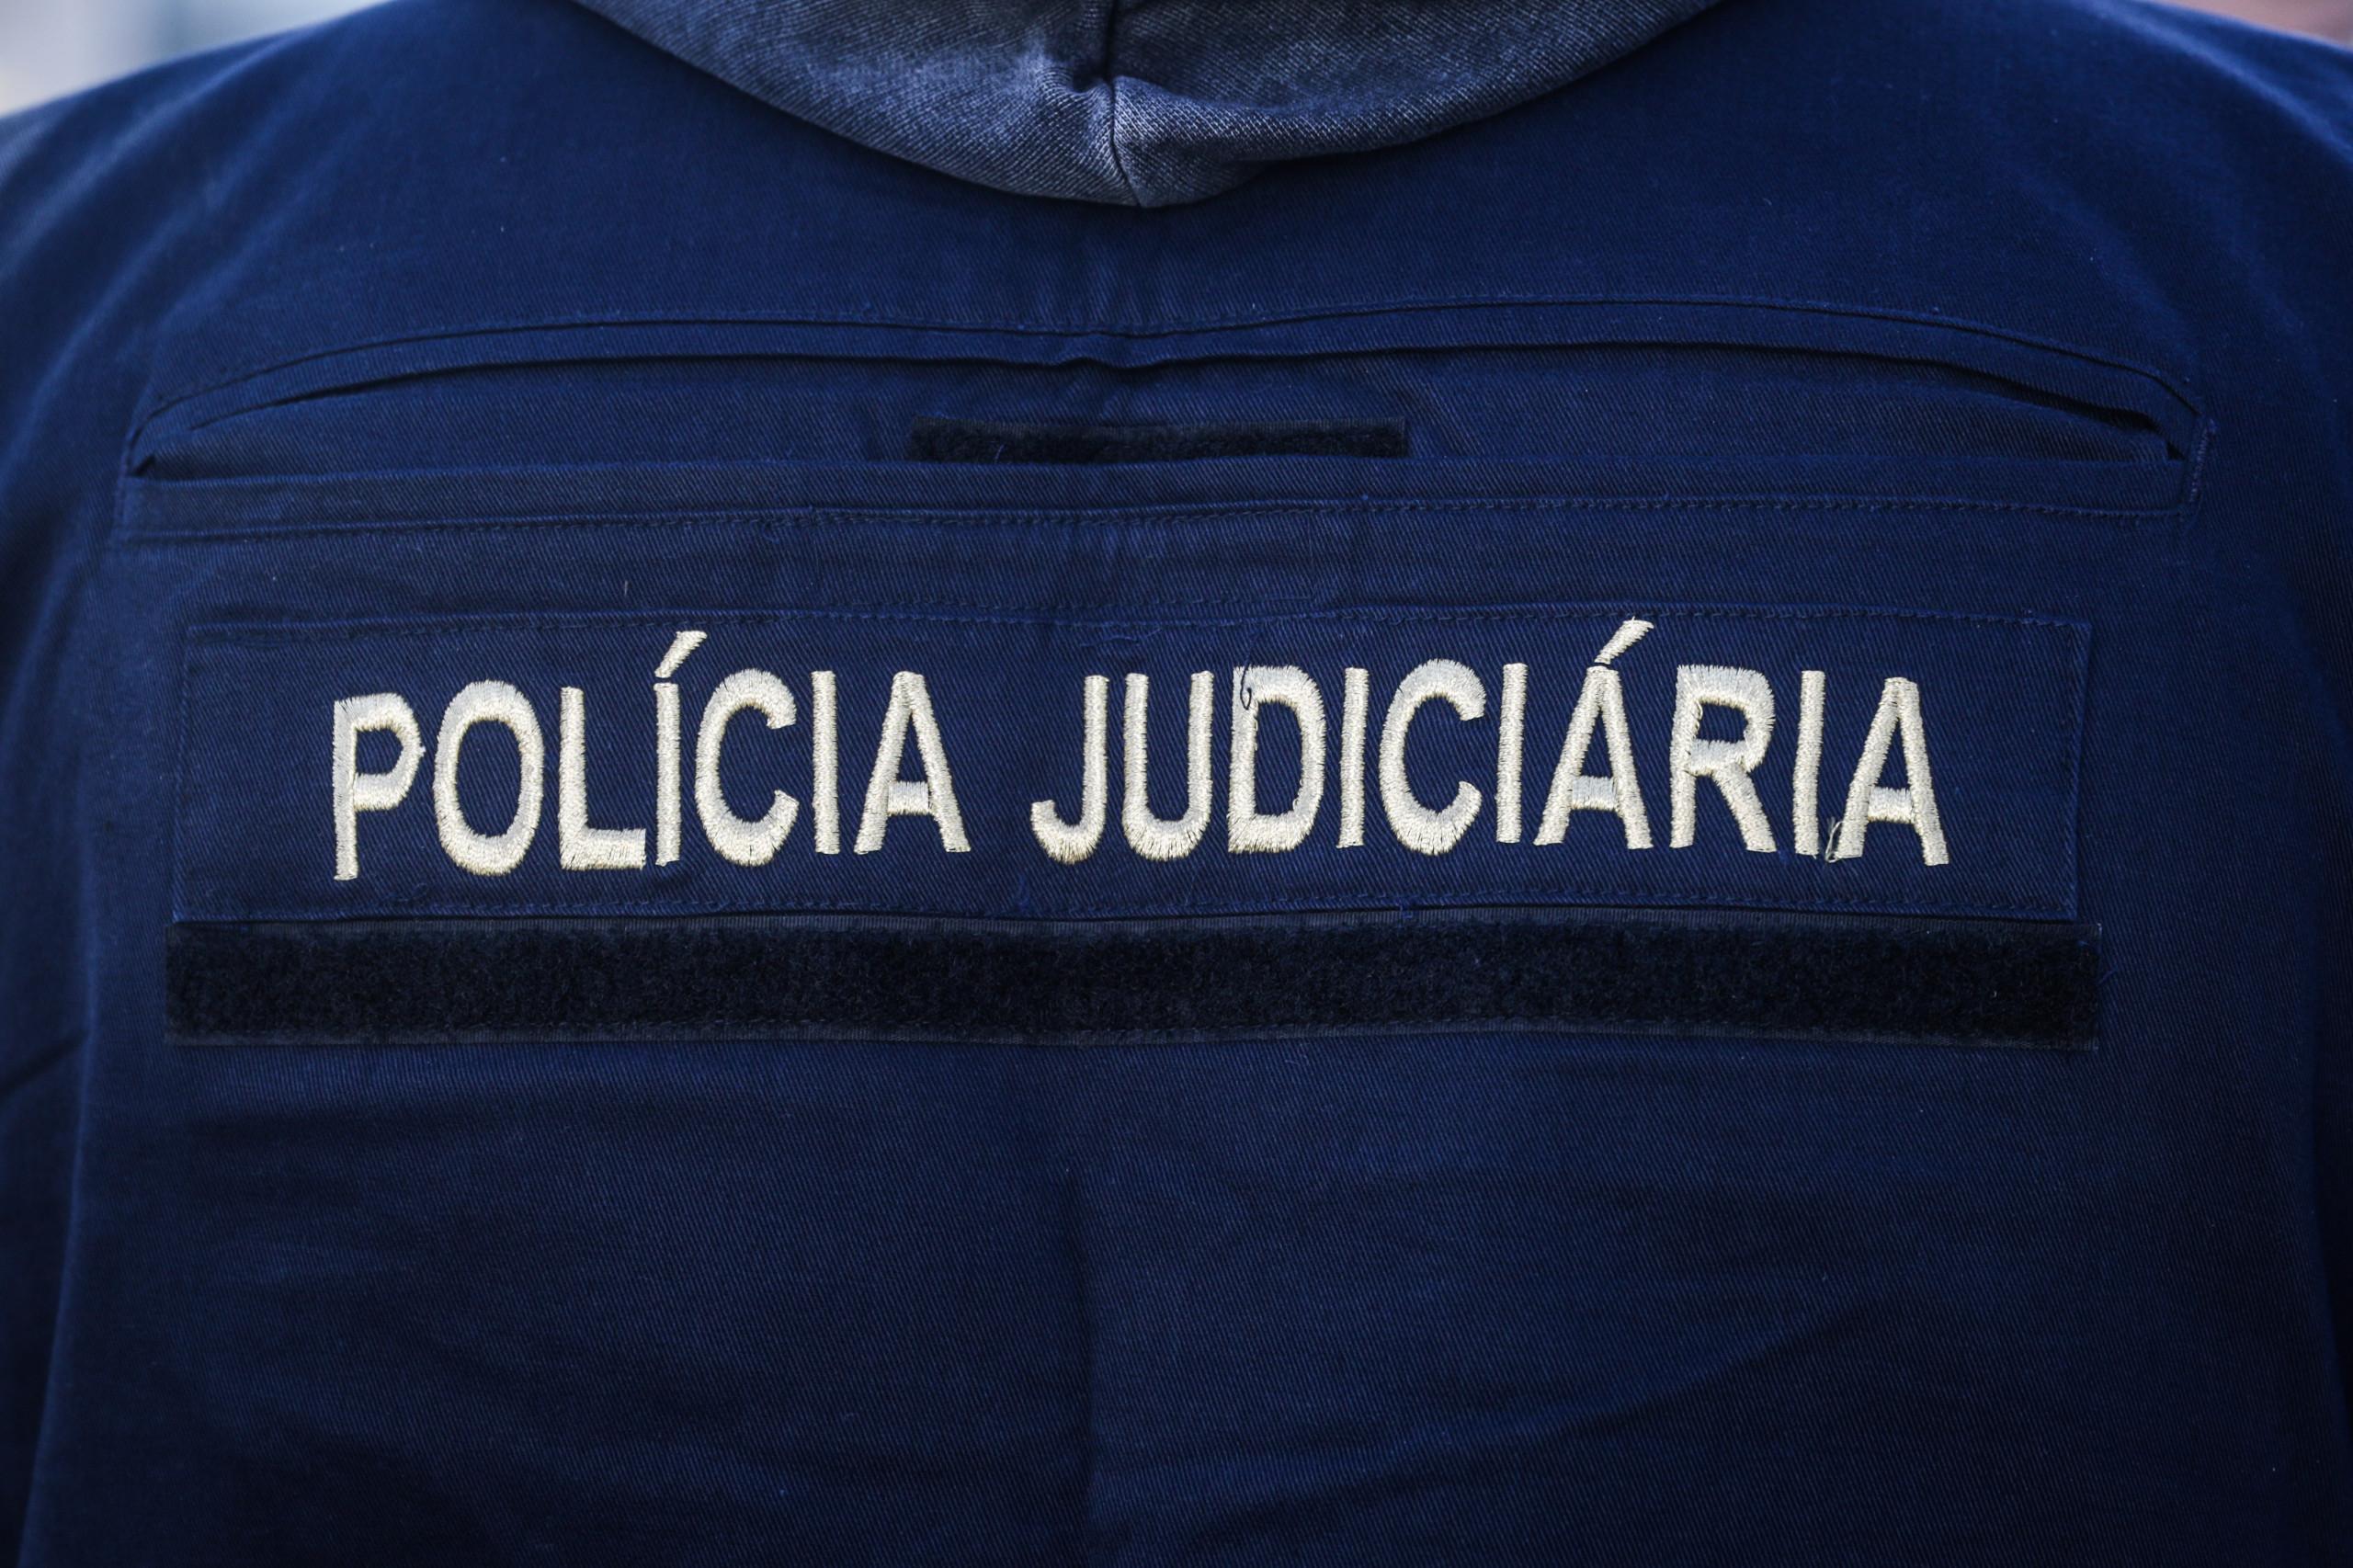 Inspetores e demais pessoal da Polícia Judiciária hoje em greve